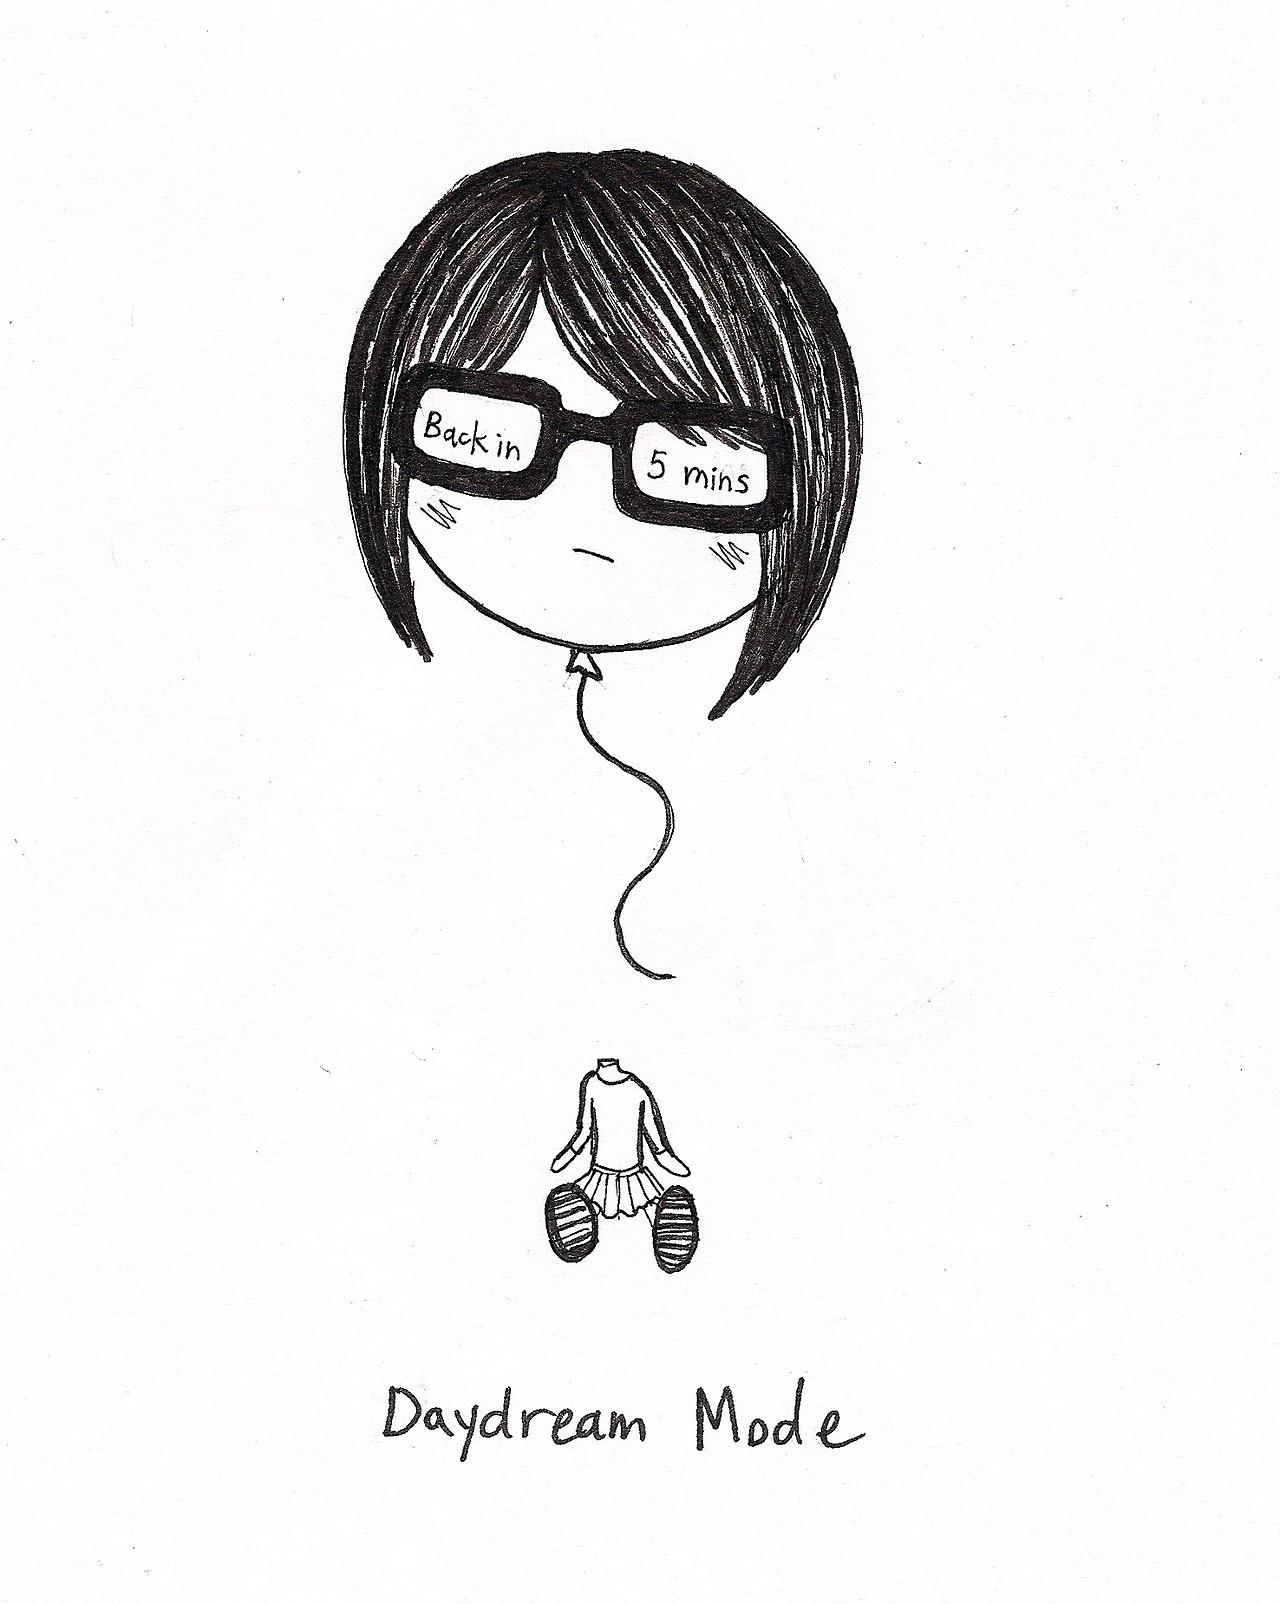 Chibi Anime Daydreaming